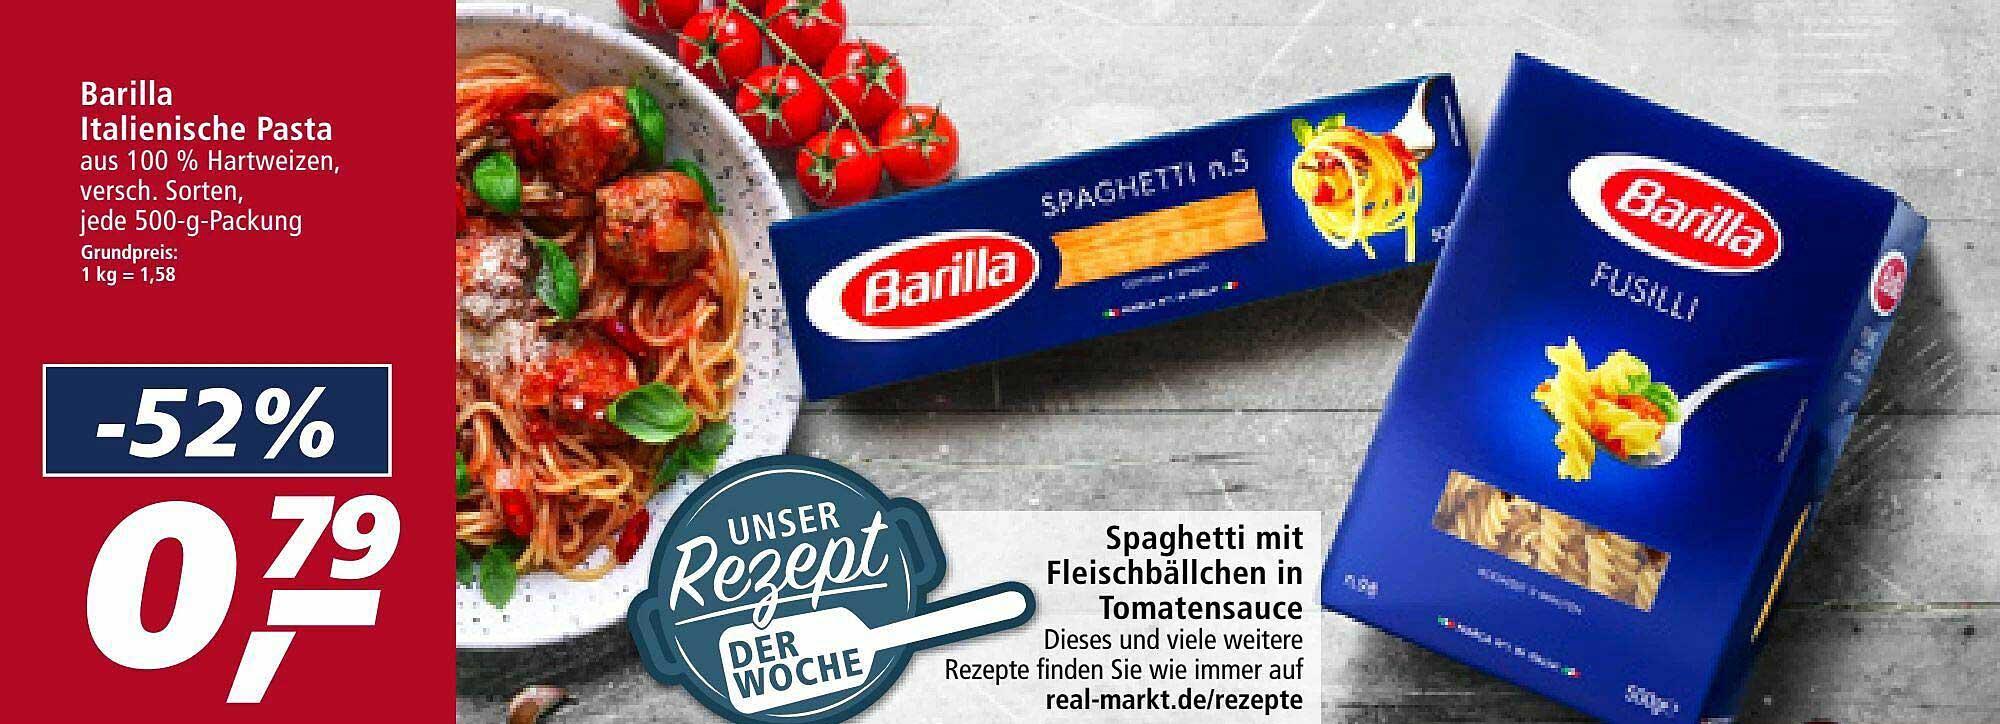 Real Barilla Italienische Pasta